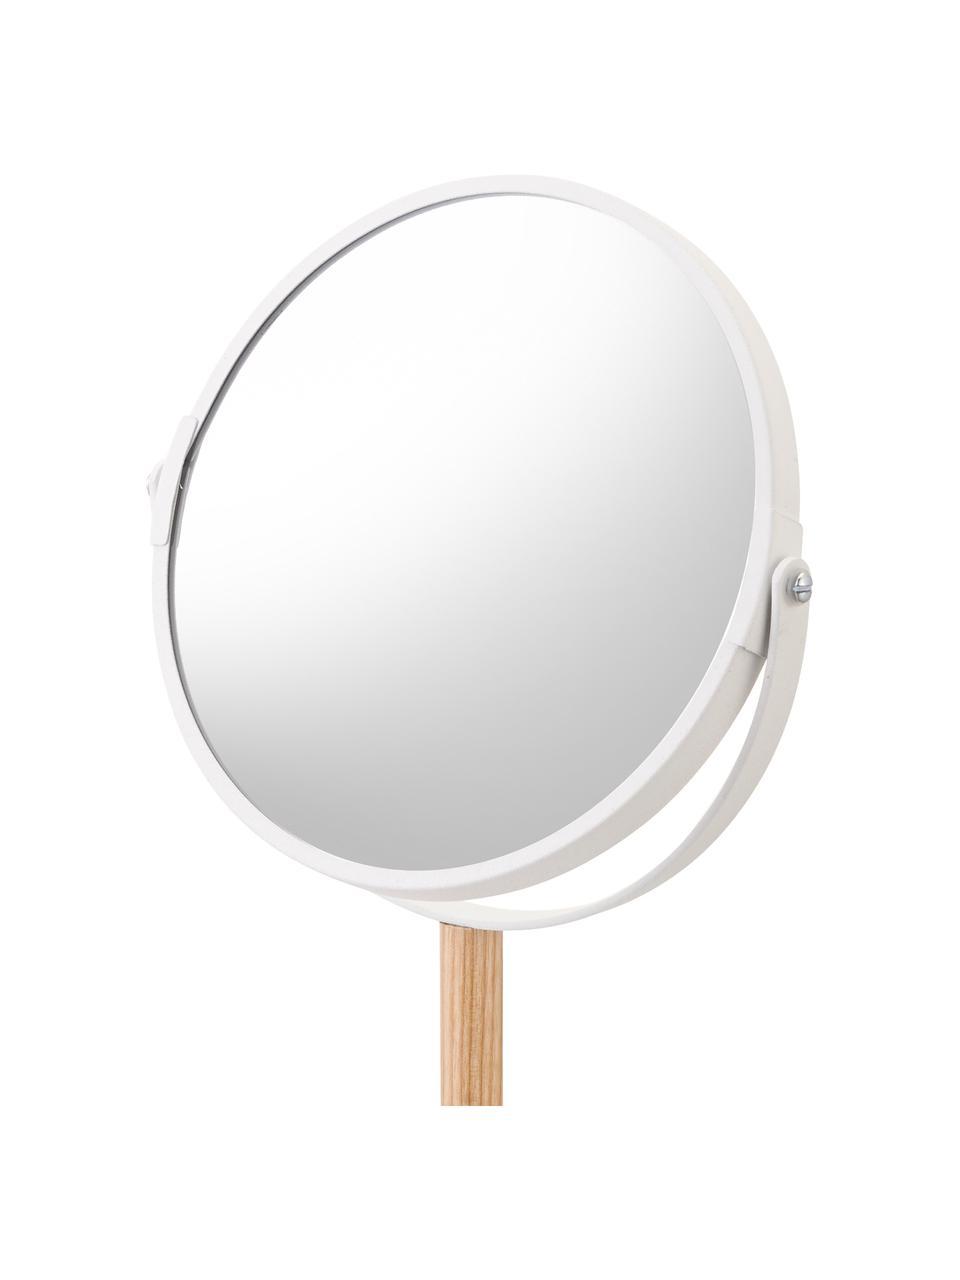 Runder Kosmetikspiegel Tosca mit Ablageflächen und Vergrößerung, Stange: Holz, Spiegelfläche: Spiegelglas, Weiß, Beige, 18 x 33 cm